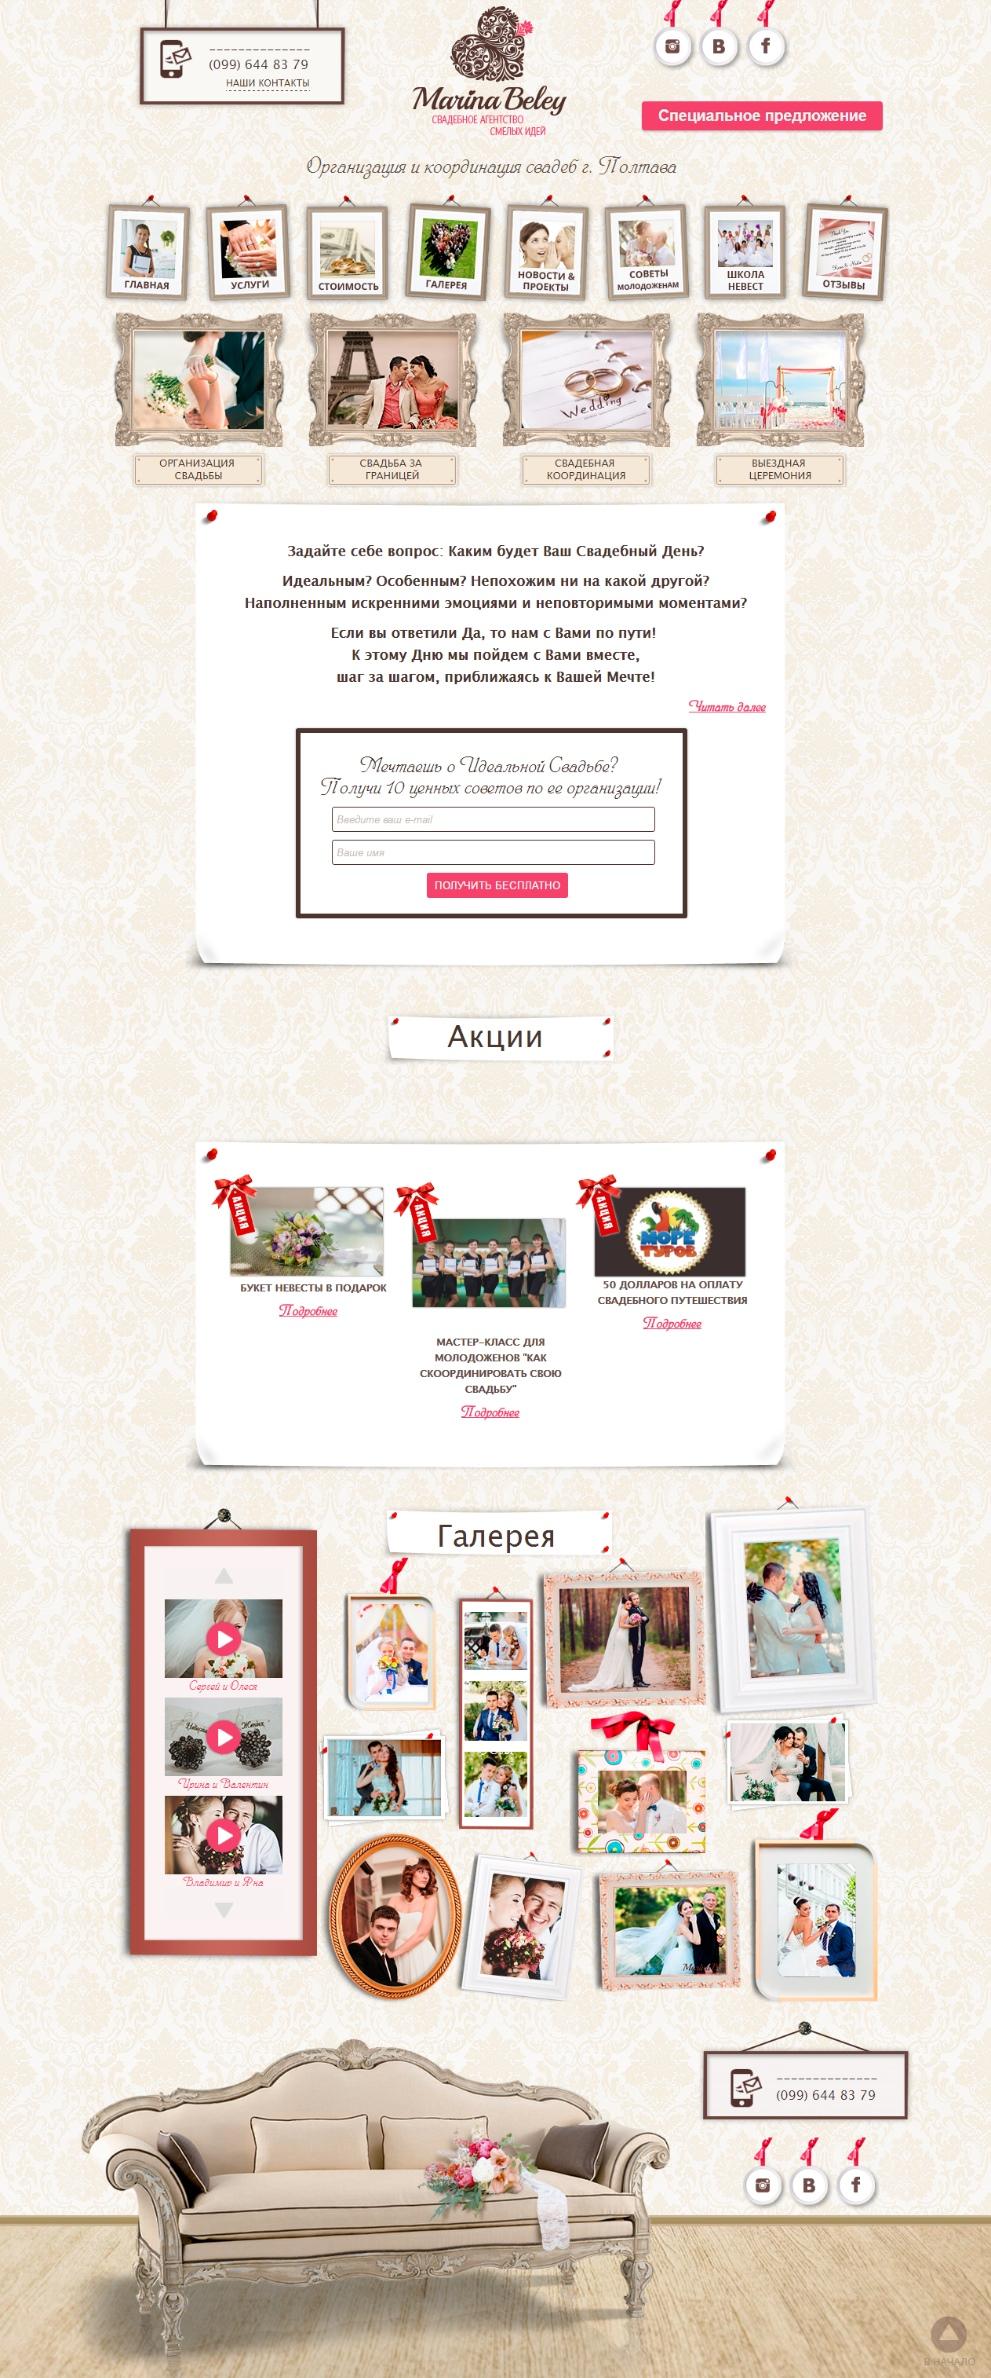 Разработка сайта по организации свадебных мероприятий